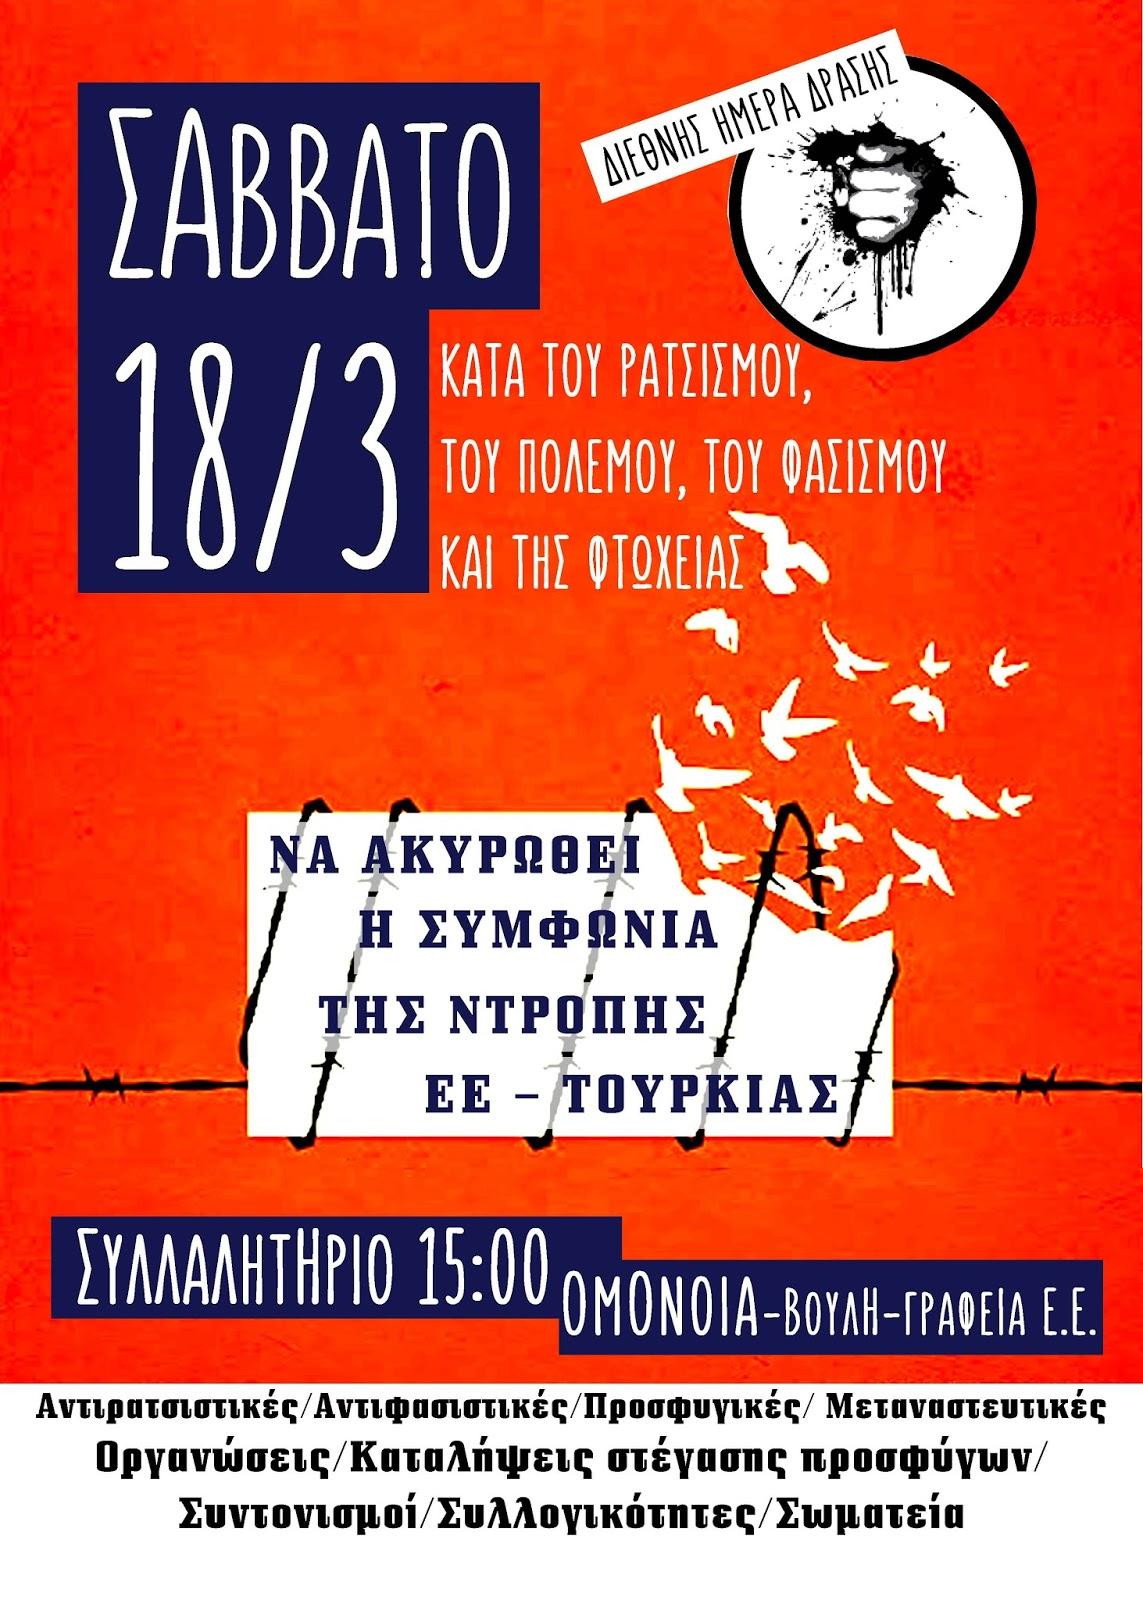 18 Μάρτη διεθνής ημέρα κατά του Ρατσισμού, του Πολέμου, του Φασισμού και της Φτώχειας